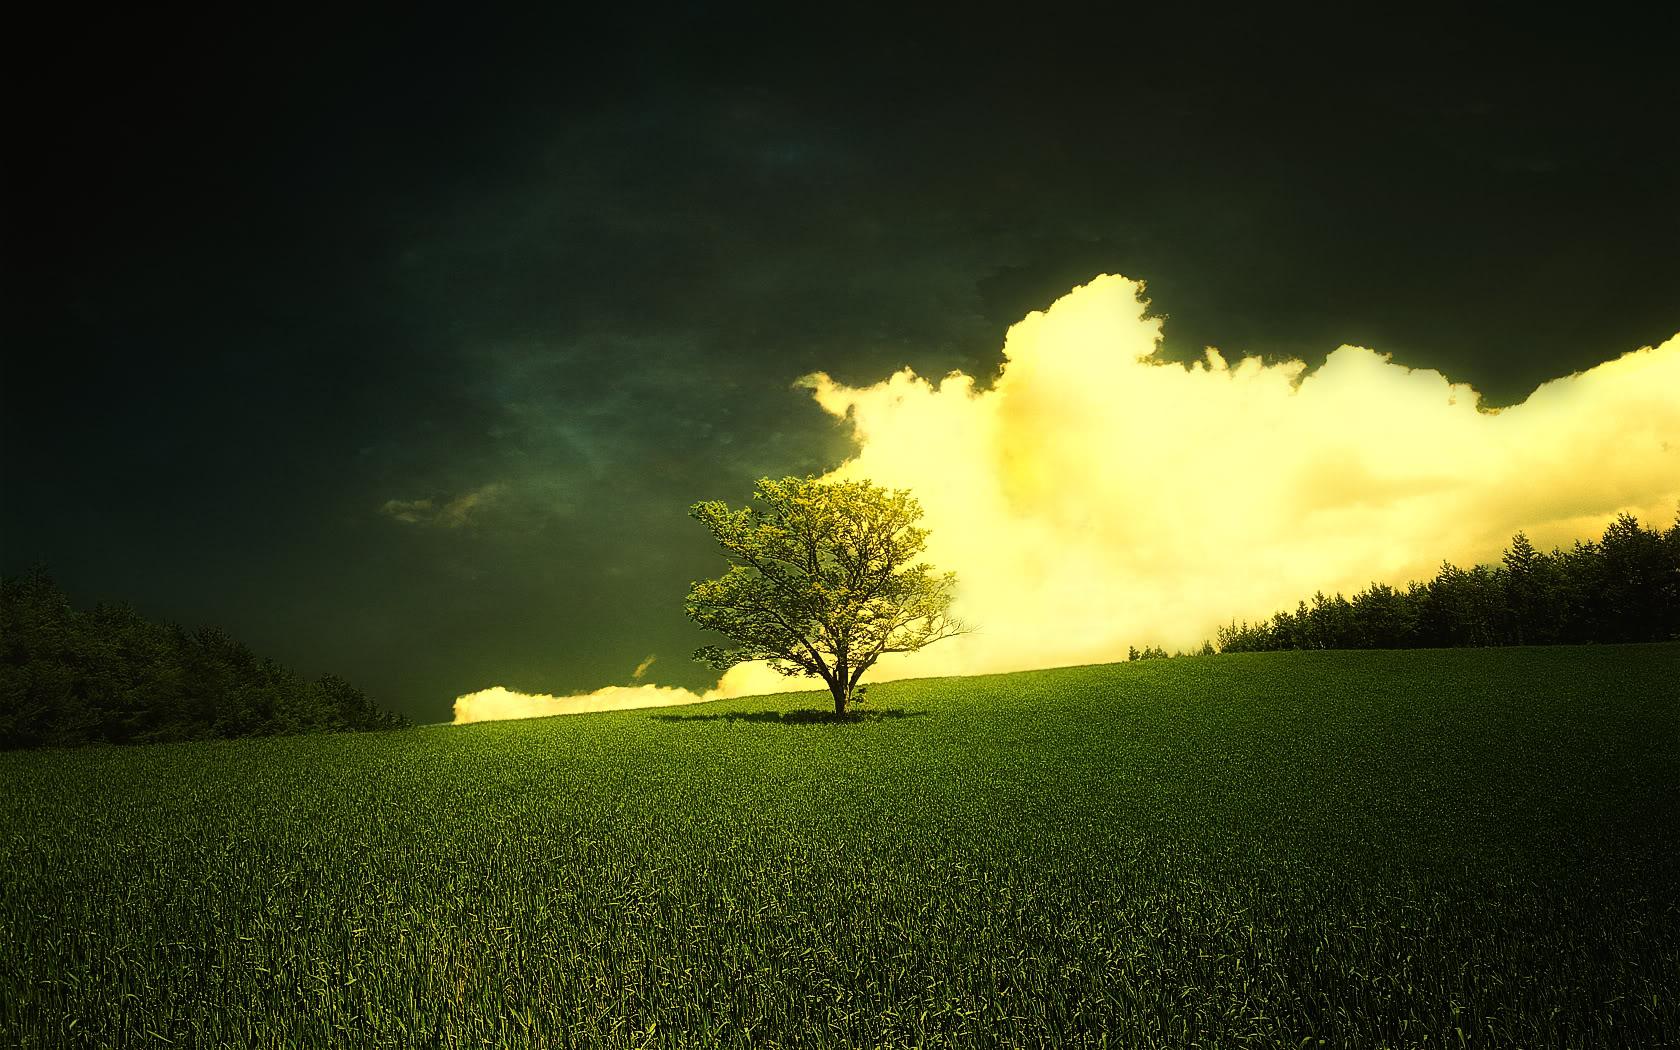 صور طبيعية لشجرة في البرية